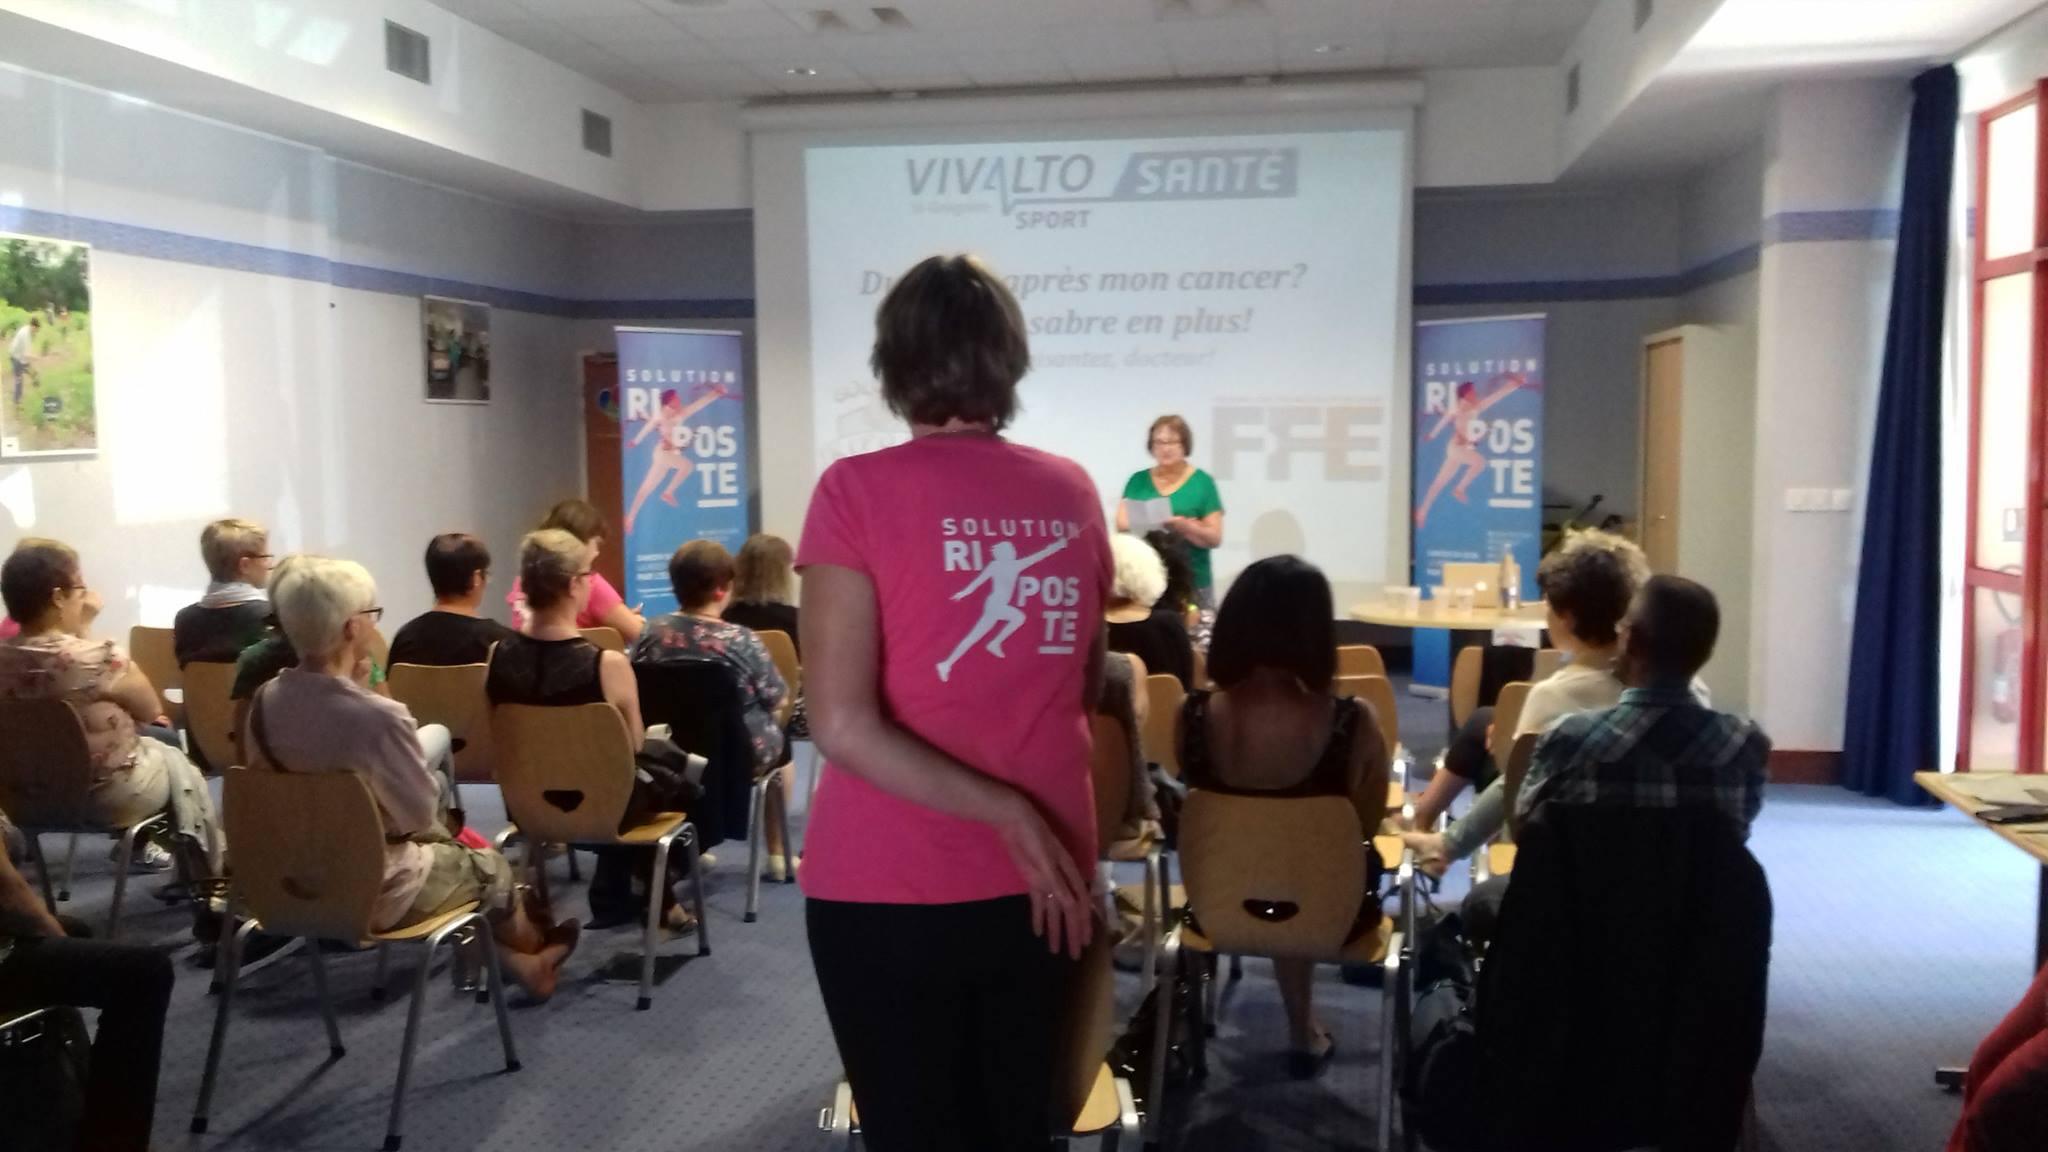 Présentation de solution Riposte Bretagne à Redon